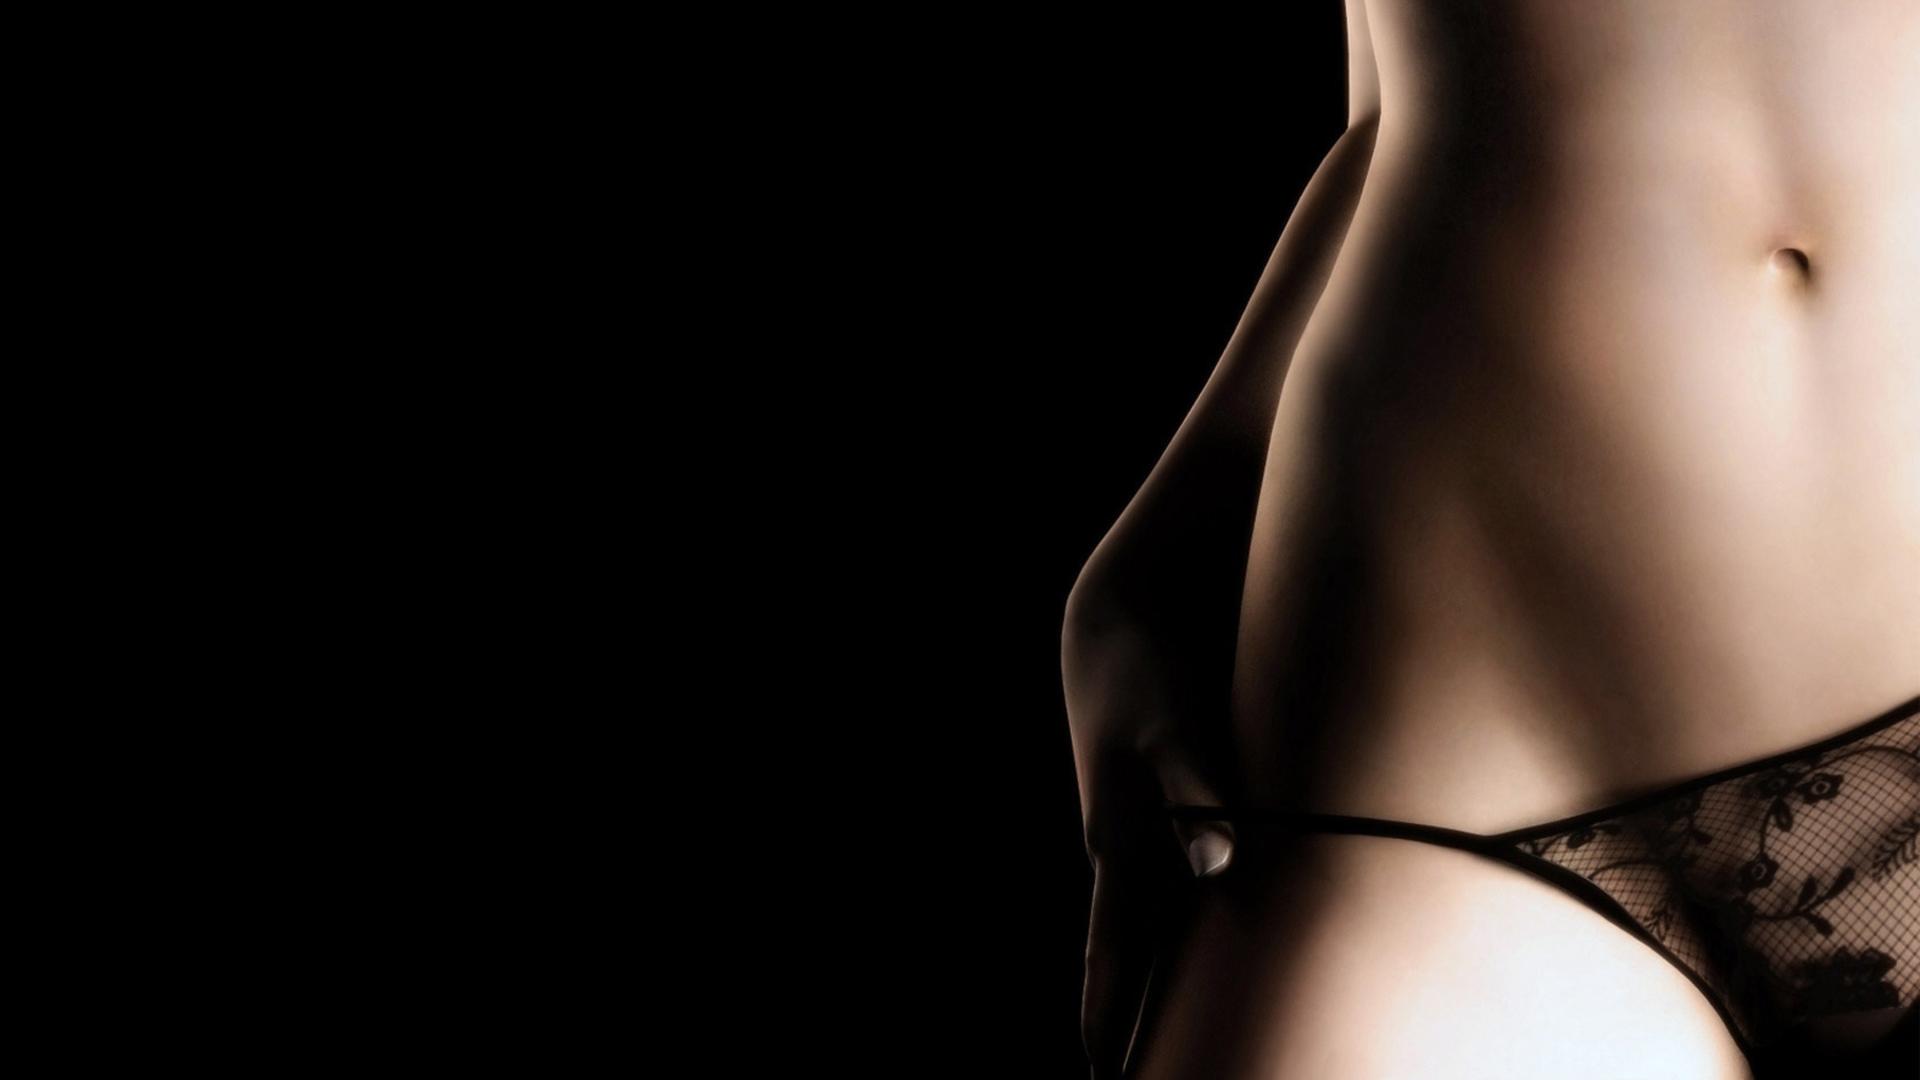 eroticheskie-kartinki-dlya-ayfona